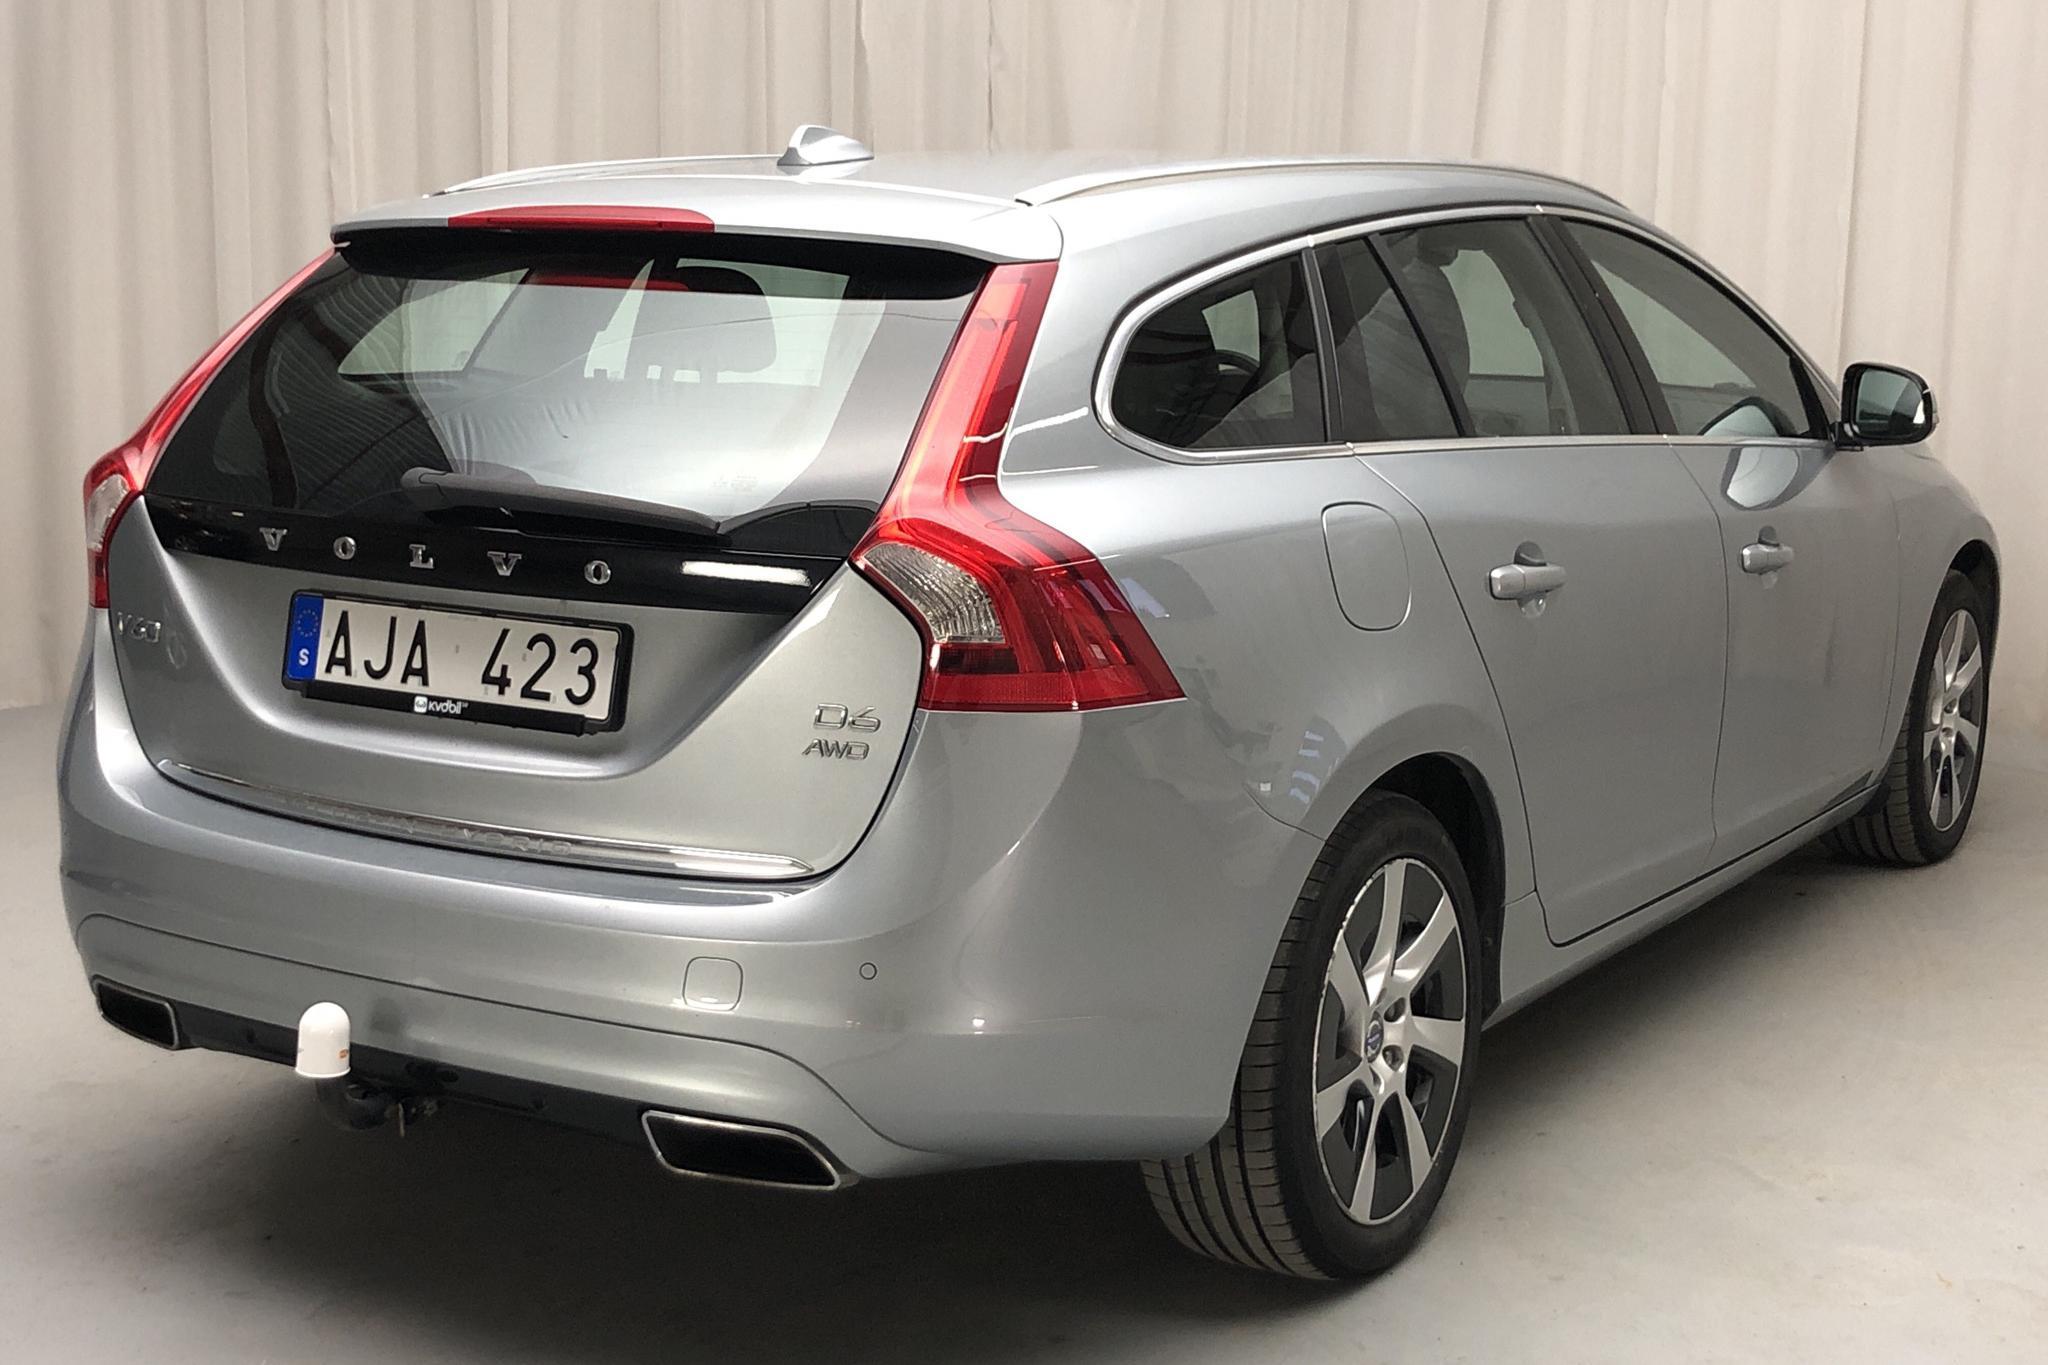 Volvo V60 D6 AWD Plug-in Hybrid (215hk) - 124 000 km - Automatic - silver - 2013